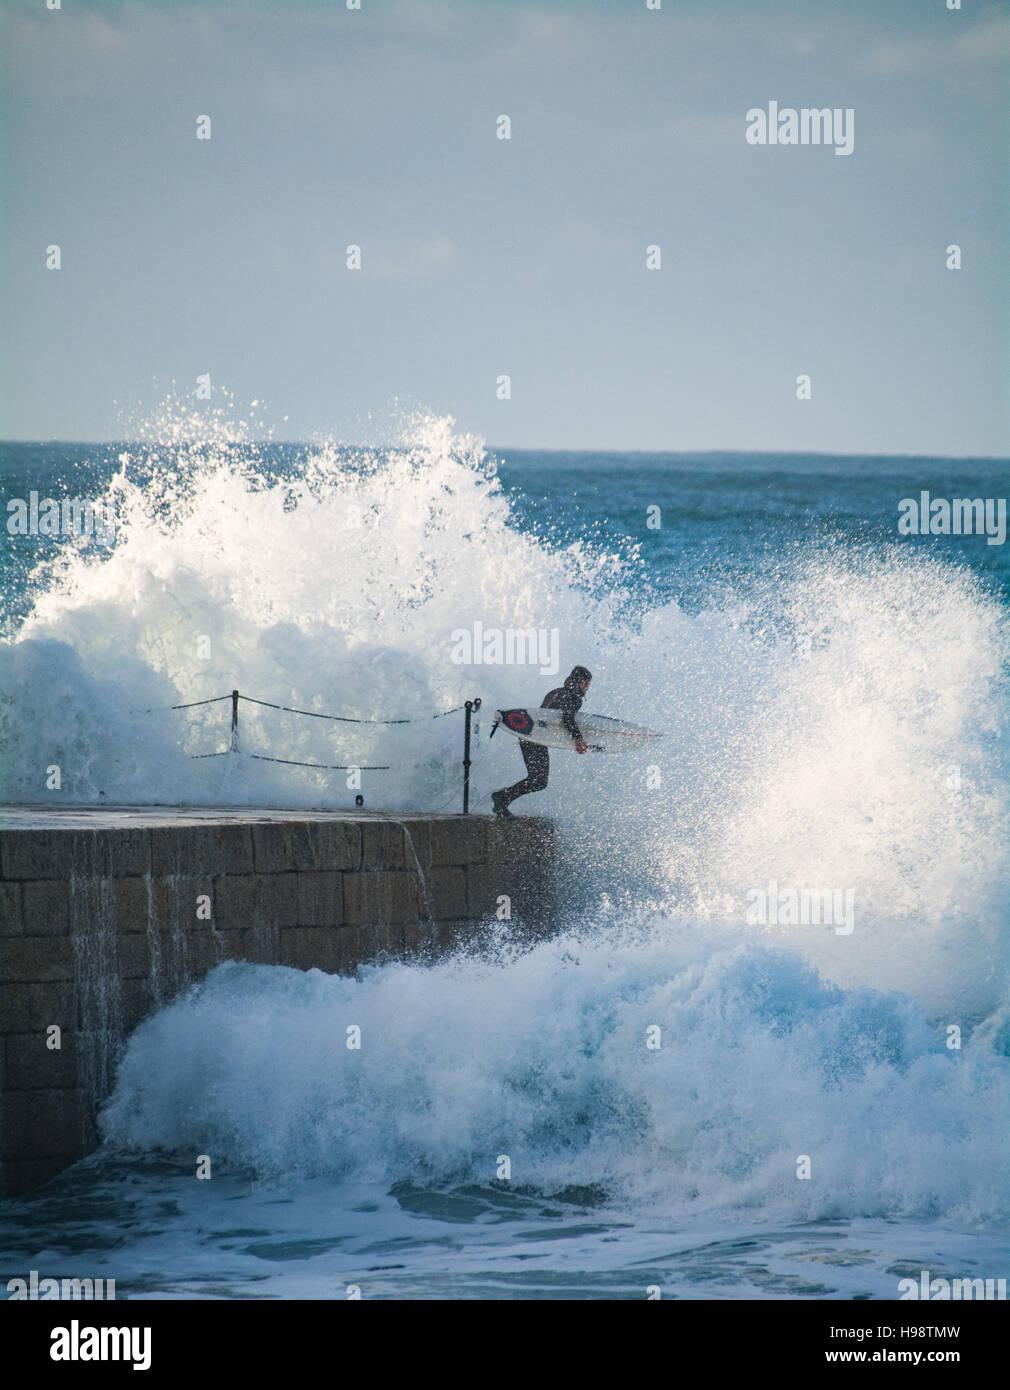 Porthleven, Cornualles, en el Reino Unido. 20 de noviembre de 2016. El clima del Reino Unido. Los surfistas teniendo arriesgada en ruta hacia el mar después de la tormenta Porthleven Angus pasa de Cornualles. El espigón en el puerto de entrada está normalmente cerrada durante un tiempo tormentoso como varias personas han sido asesinadas en el pasado por ser lavadas. Crédito: Simon Maycock/Alamy Live News Foto de stock